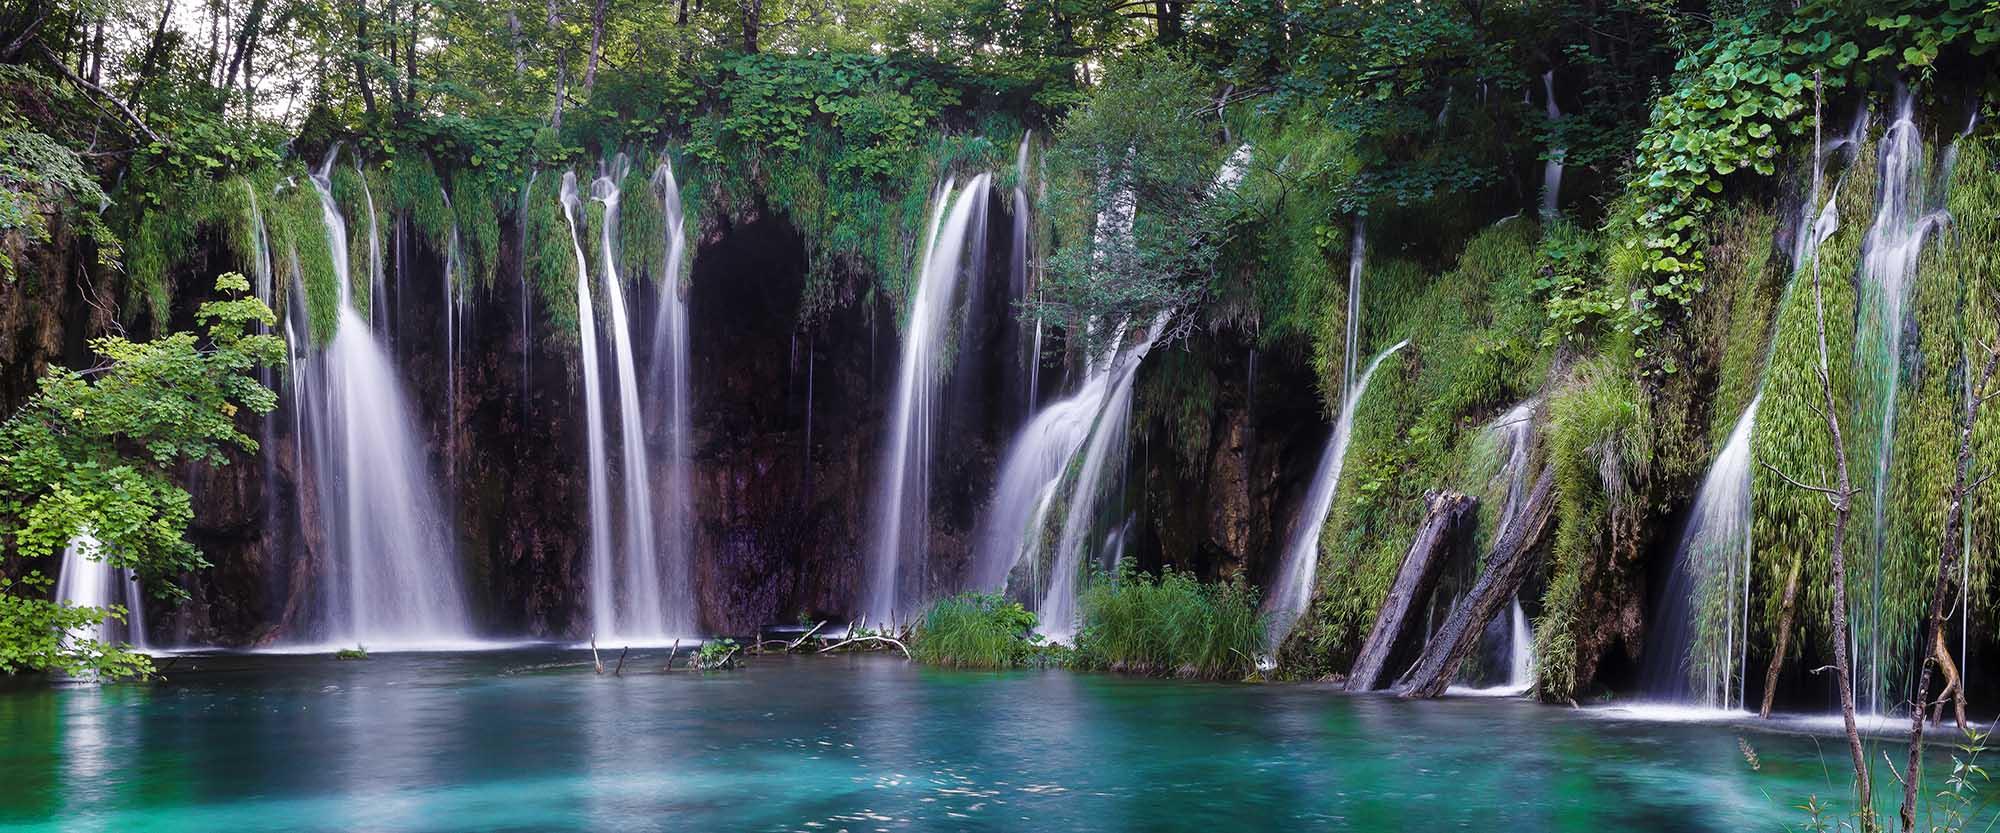 PhotoFly Travel Club   2 Pics page waterfall   PhotoFly Travel Club